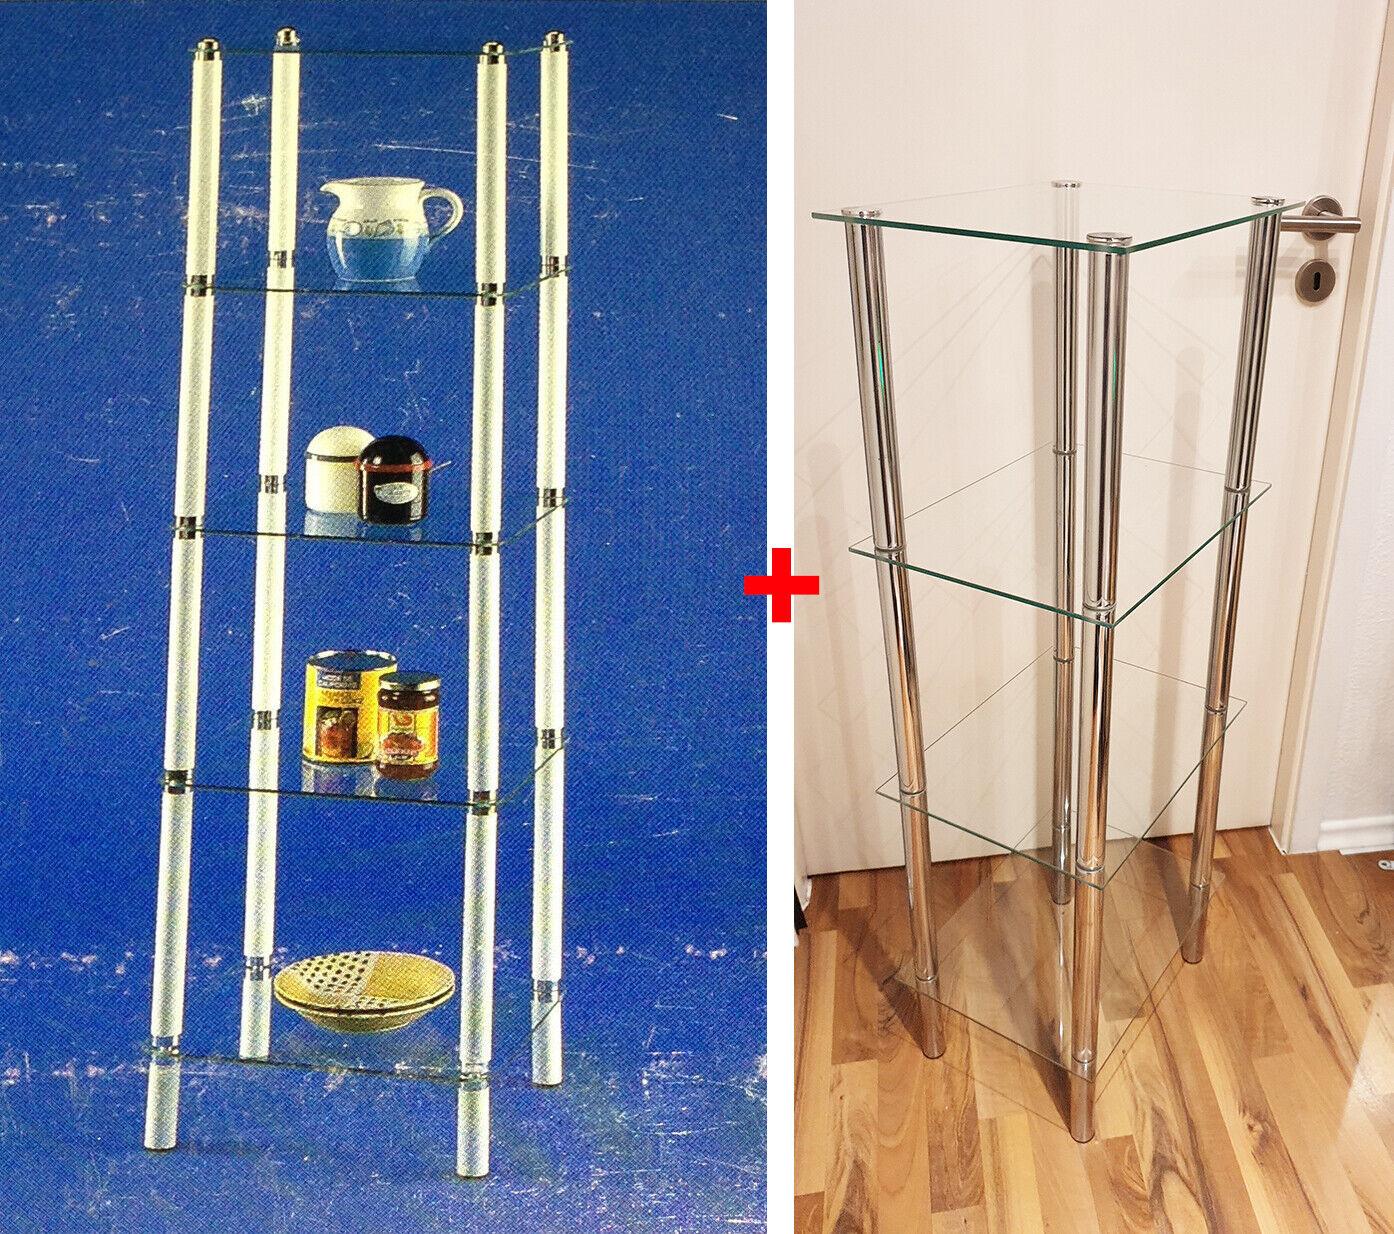 2x GLAS REGAL BEISTELLTISCH TISCH SIDEBOARD BAD ABLAGE SCHRANK CHROM